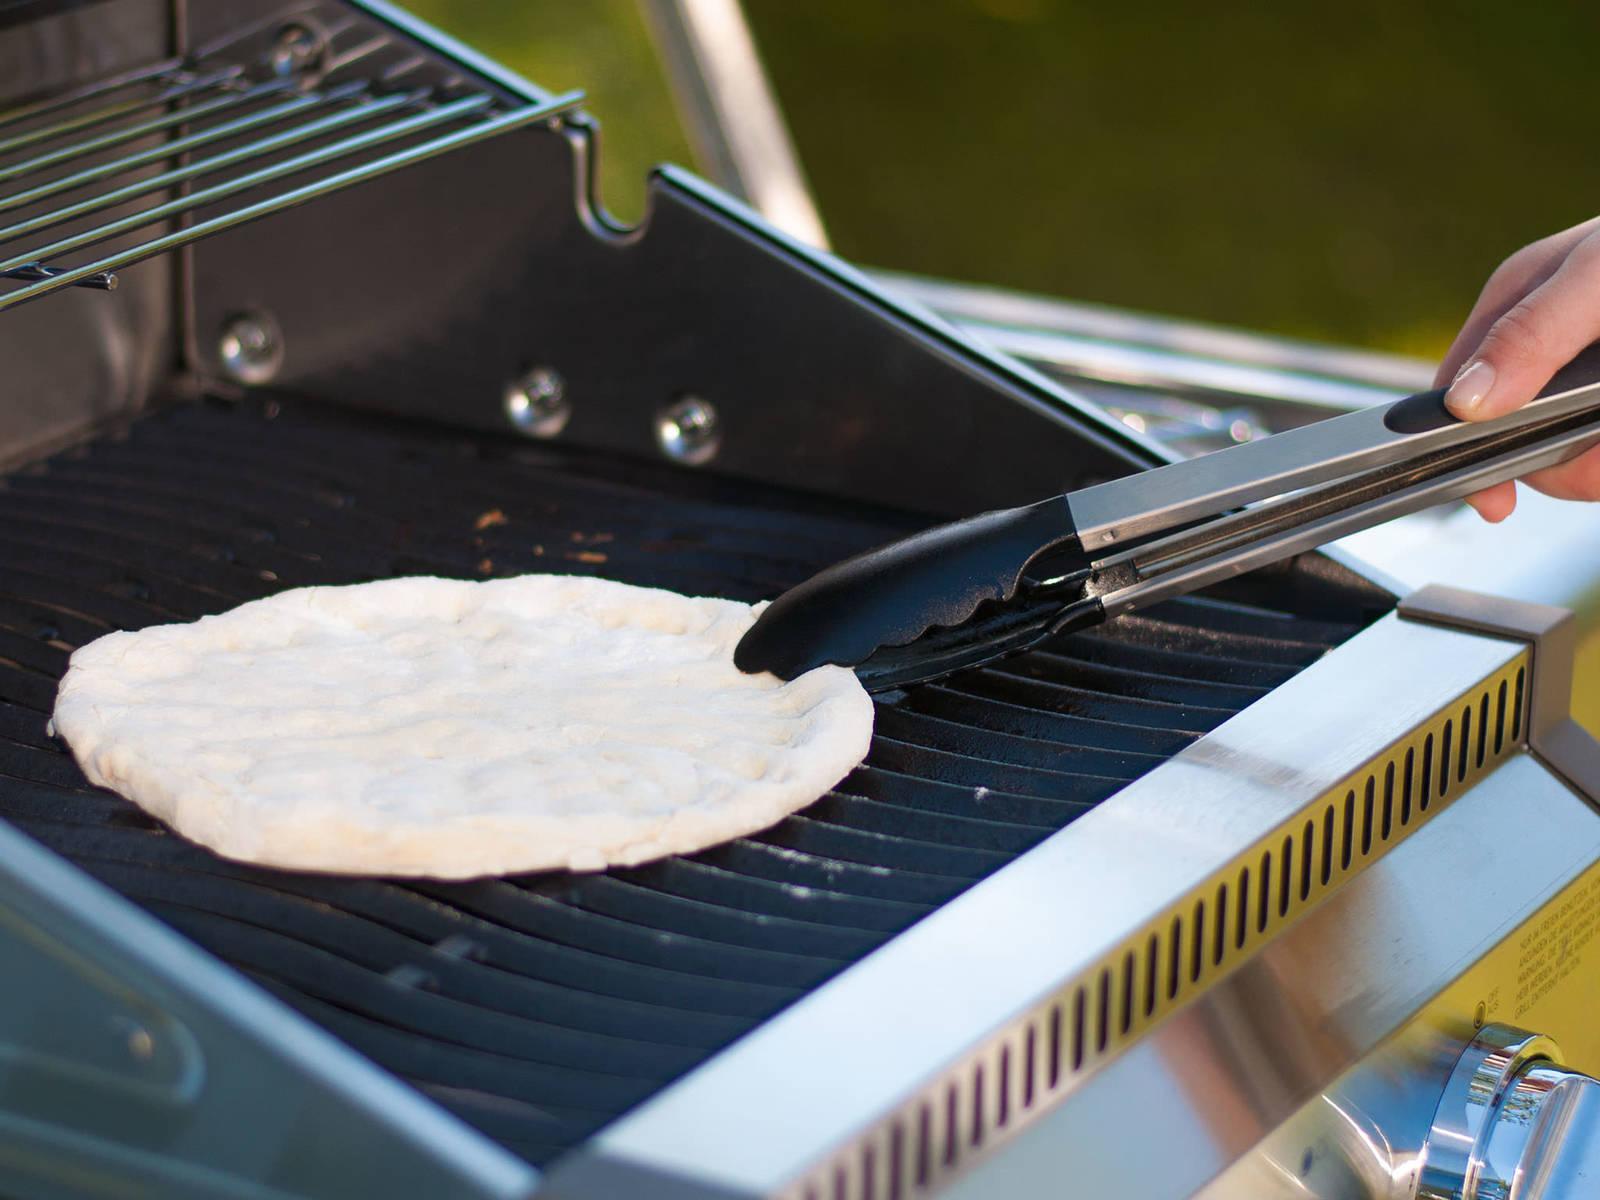 将面饼两面各烤5-8分钟,至其呈浅棕色,轻微鼓起。